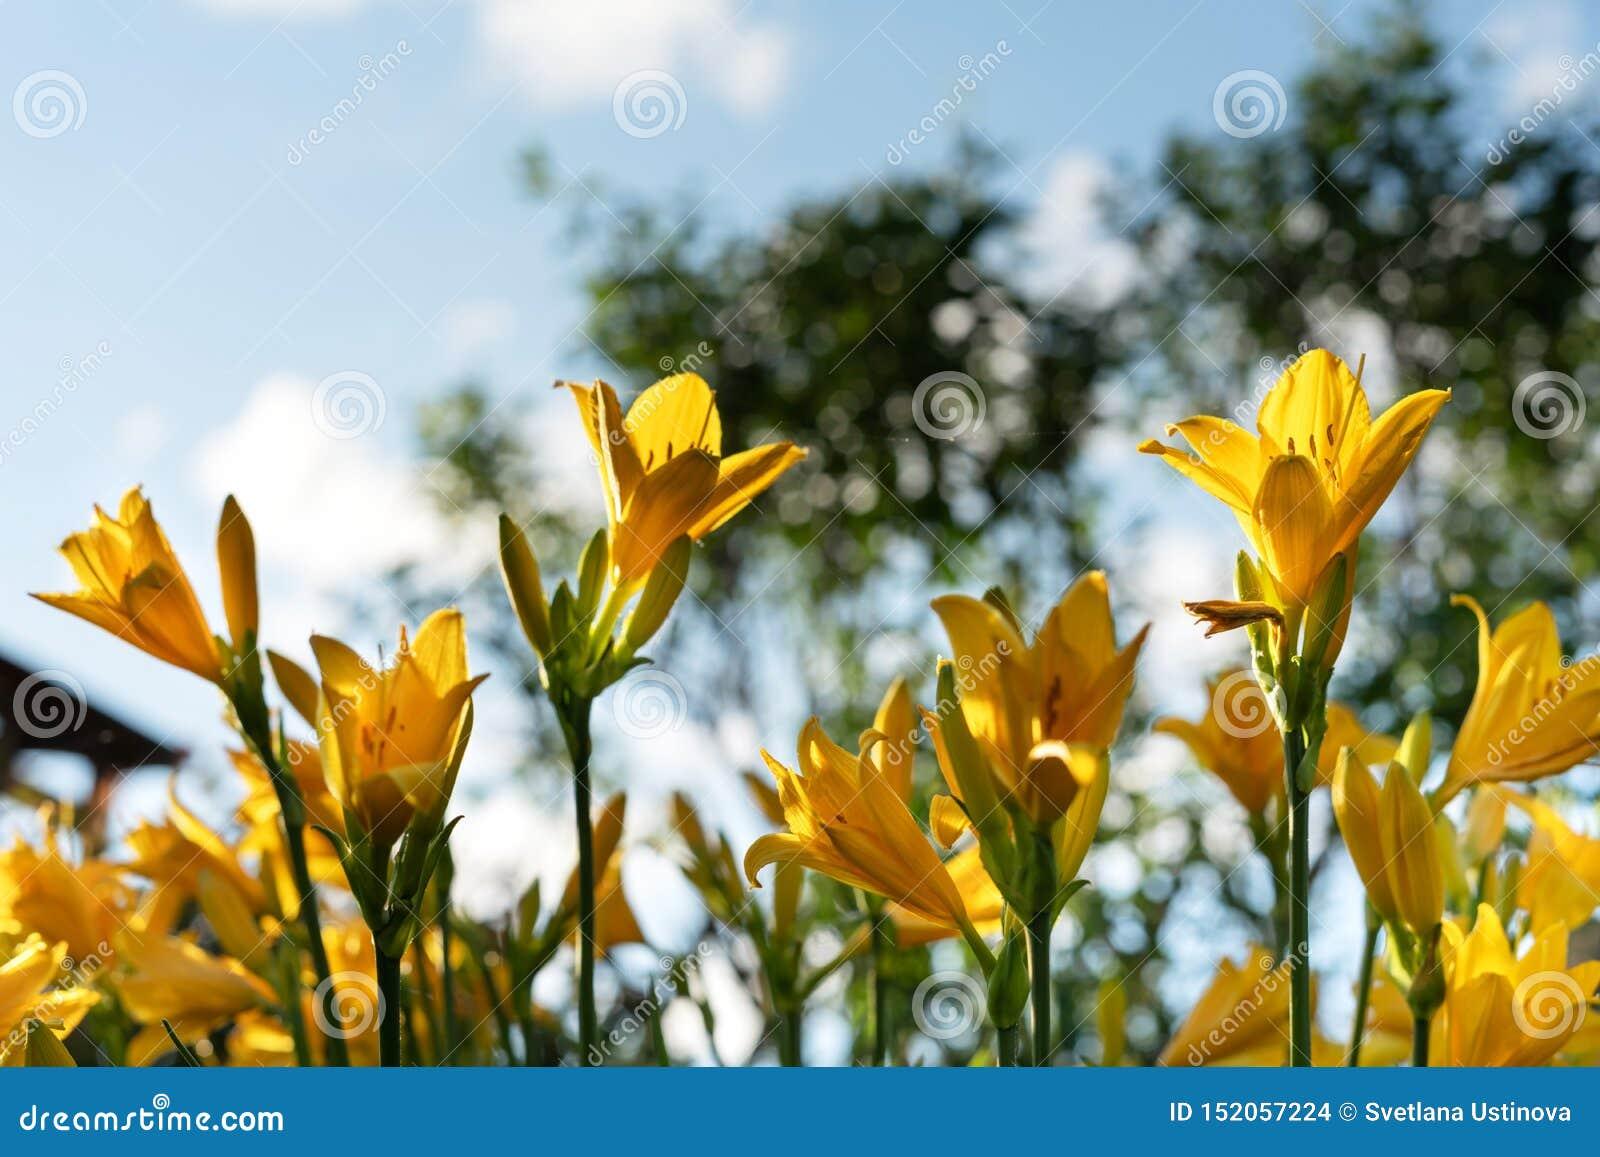 Beautiful yellow lily hemerocallis blossoms in evening sunset light of summer garden against blue sky.